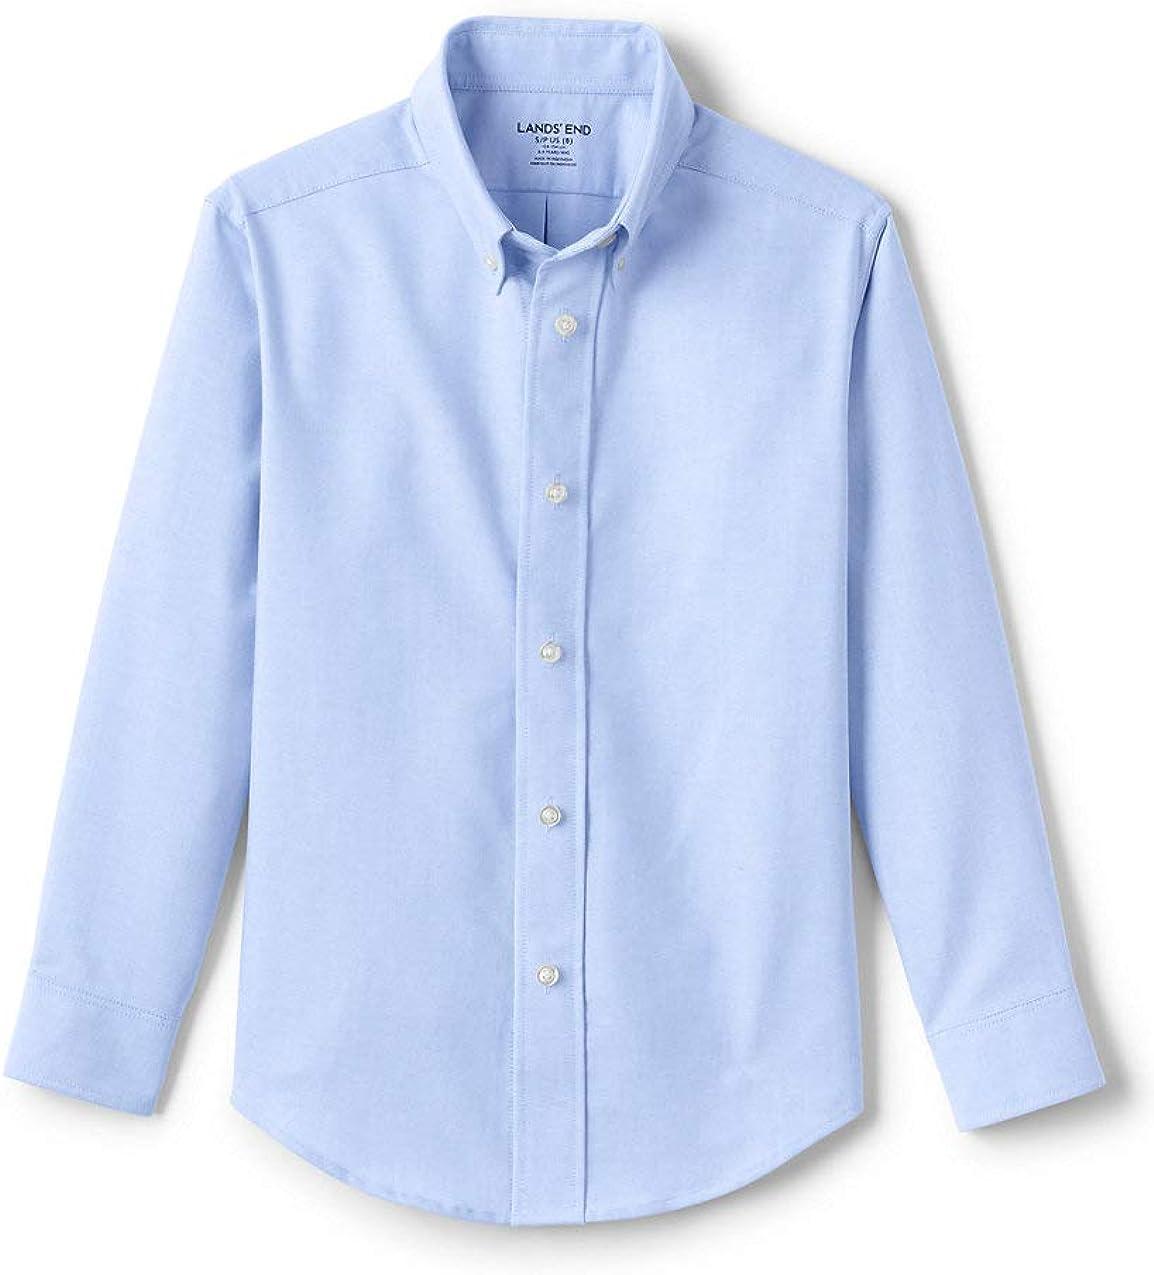 Lands' End School Uniform Kids Adaptive Long Sleeve Oxford Dress Shirt